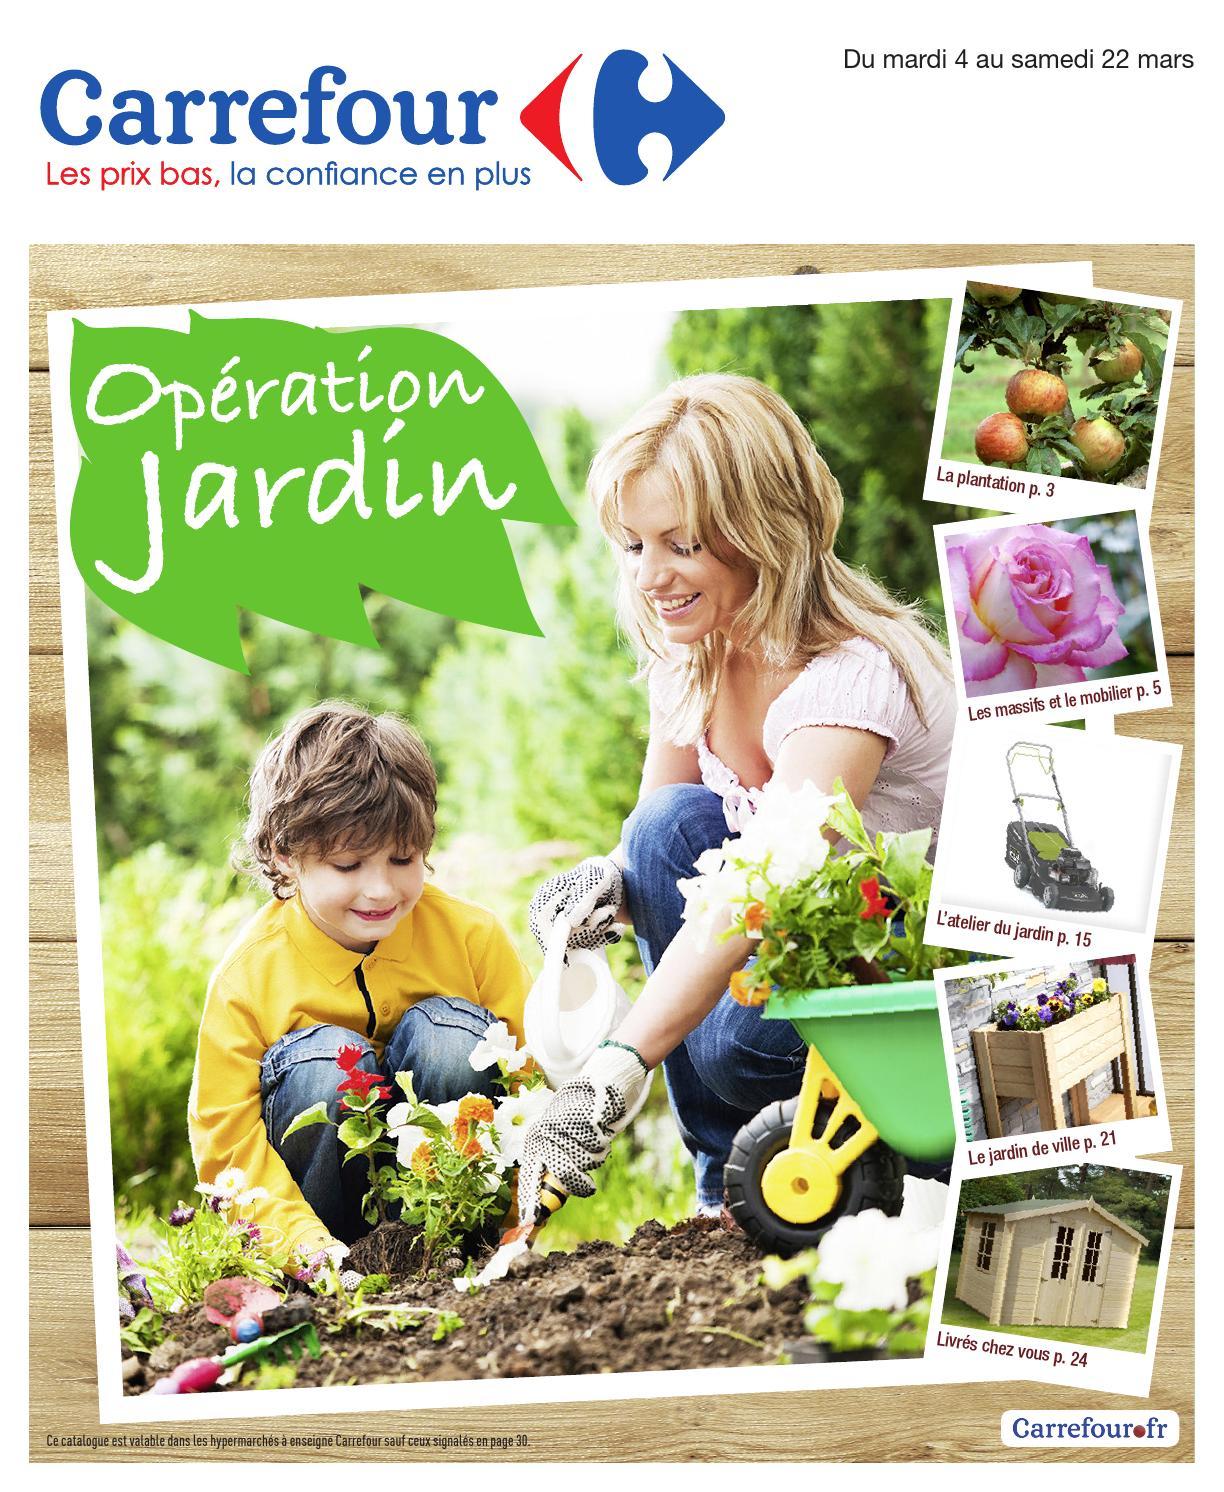 Catalogue Carrefour - 4-22.03.2014 By Joe Monroe - Issuu concernant Abri De Jardin En Bois Carrefour